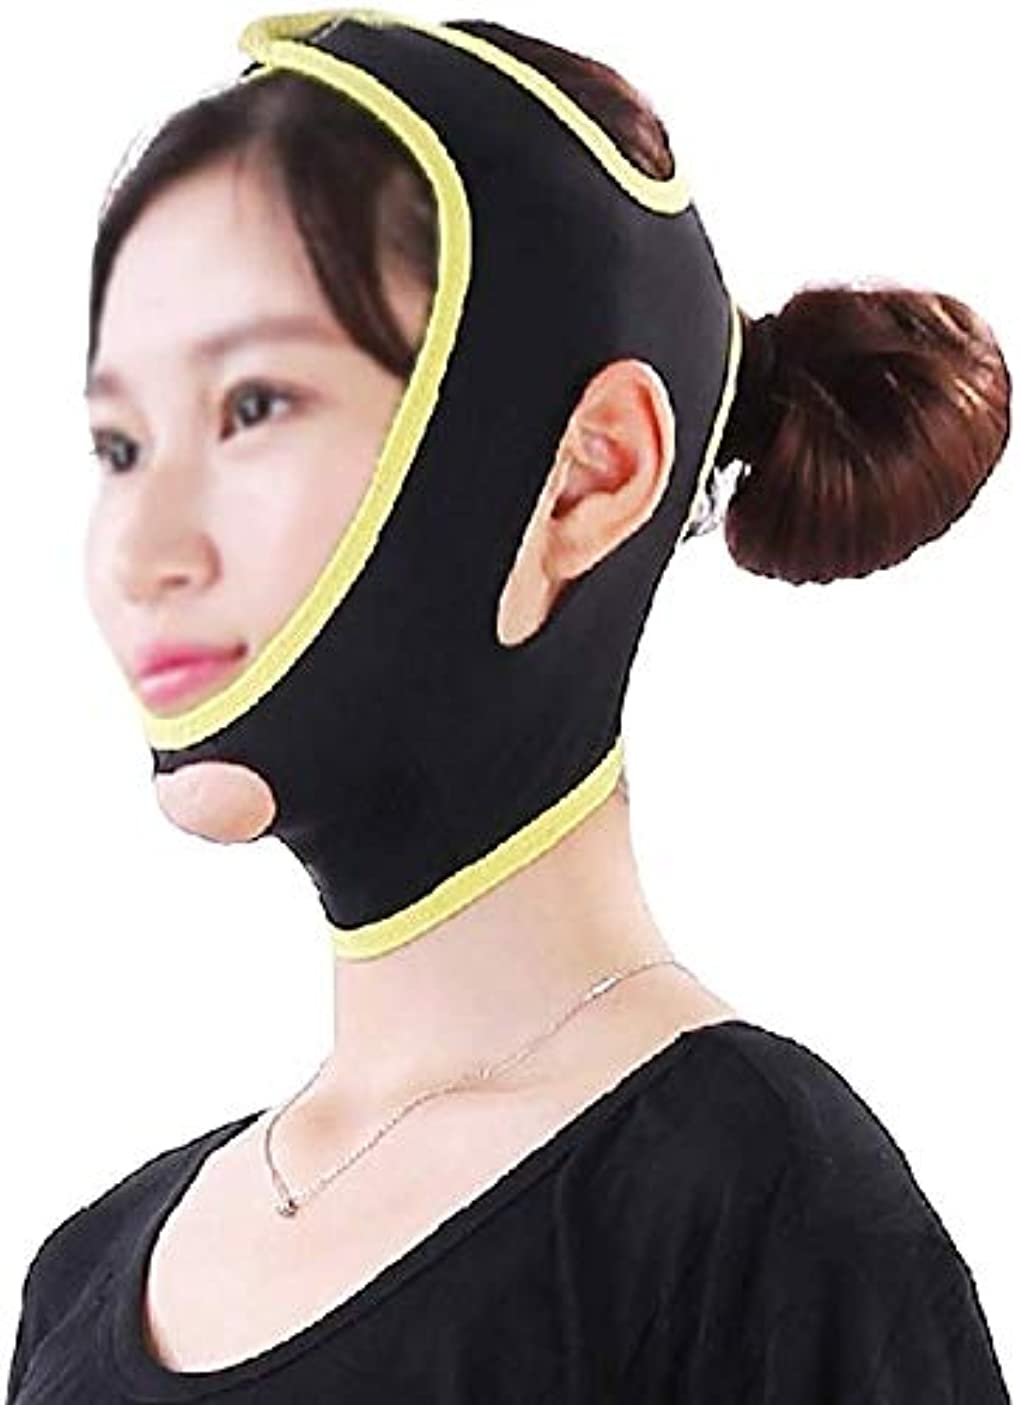 熱帯の配当結び目美容と実用的なフェイスアンドネックリフト、Vフェイスマスクは顔の輪郭を強化し、マッセターファーミングチンの超弾性包帯を緩和します(サイズ:M)